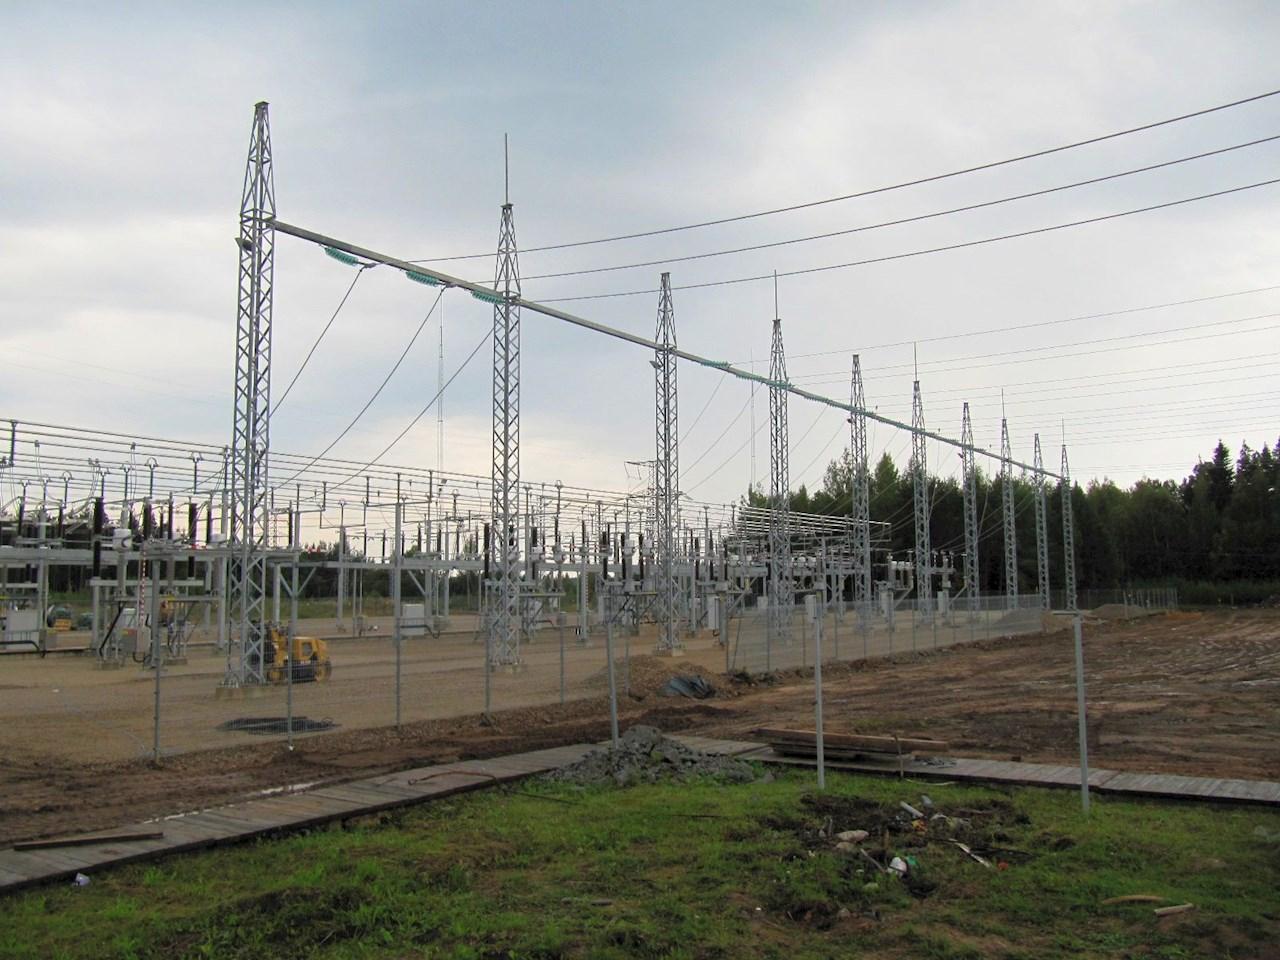 Kuus aastat tagasi ABB ehitatud moodne Tsirguliina 110 kV alajaam annab aimu, milline saab olema ka Lihula alajaam